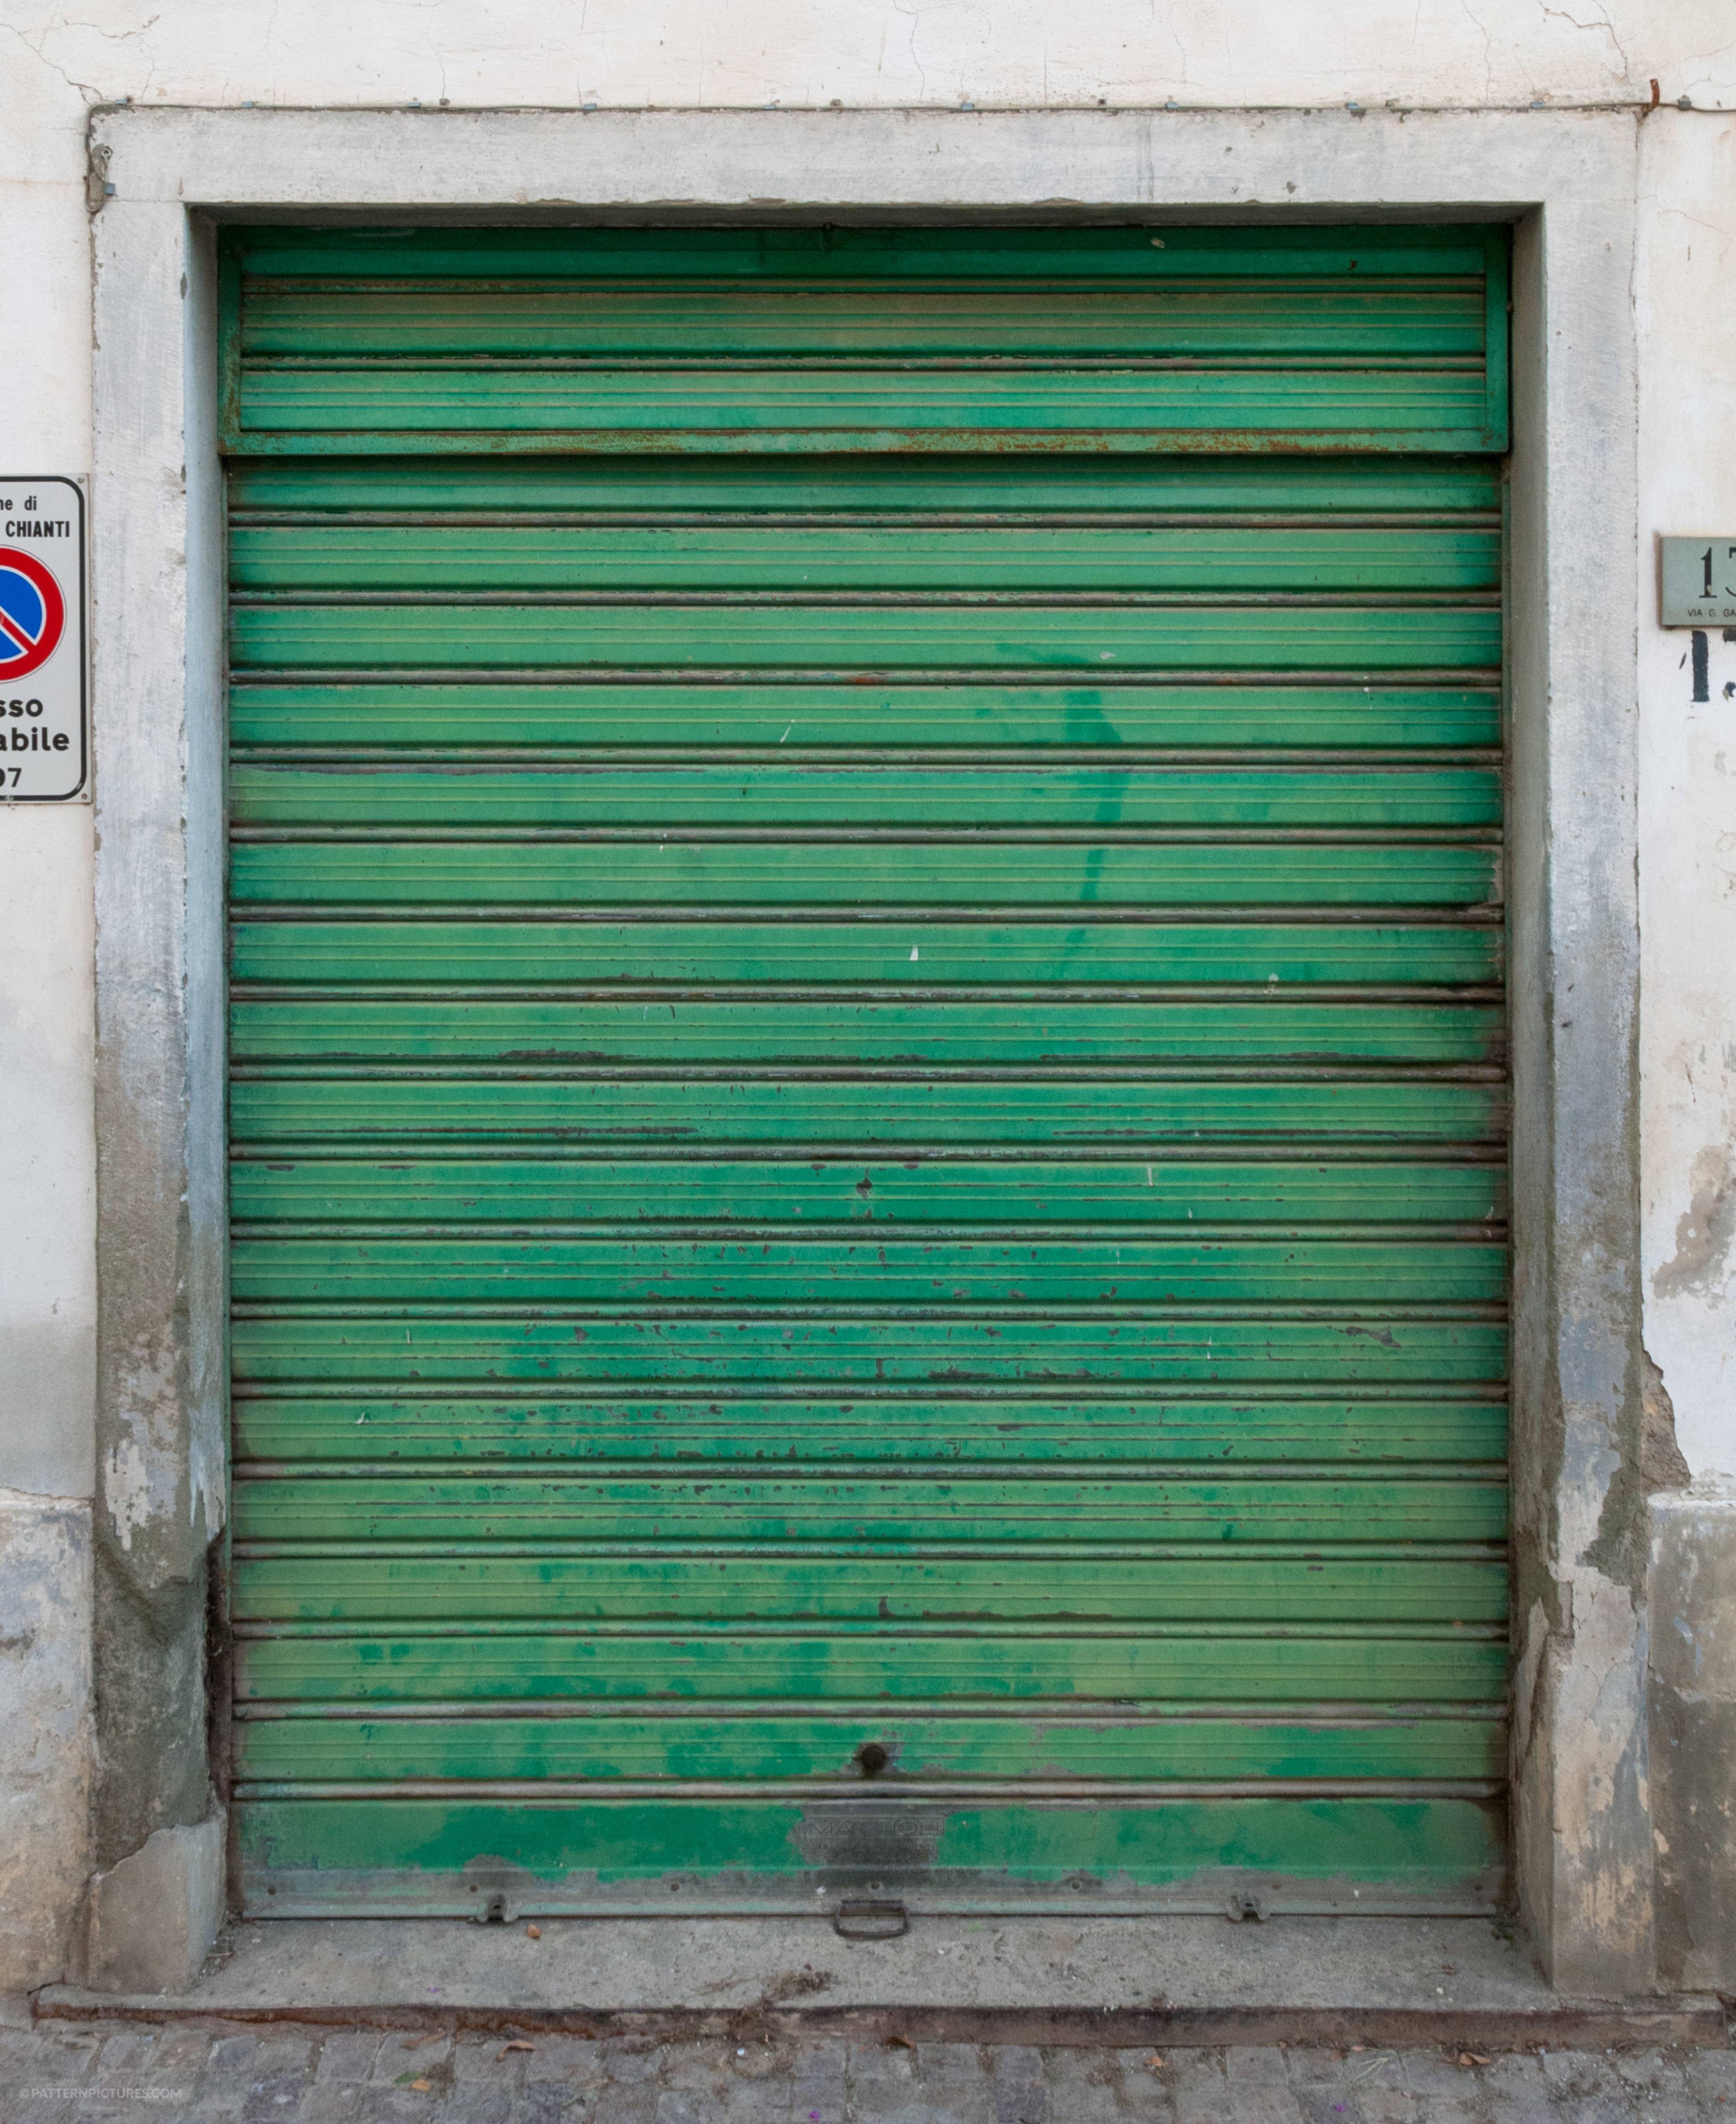 Green metal garage door background metal